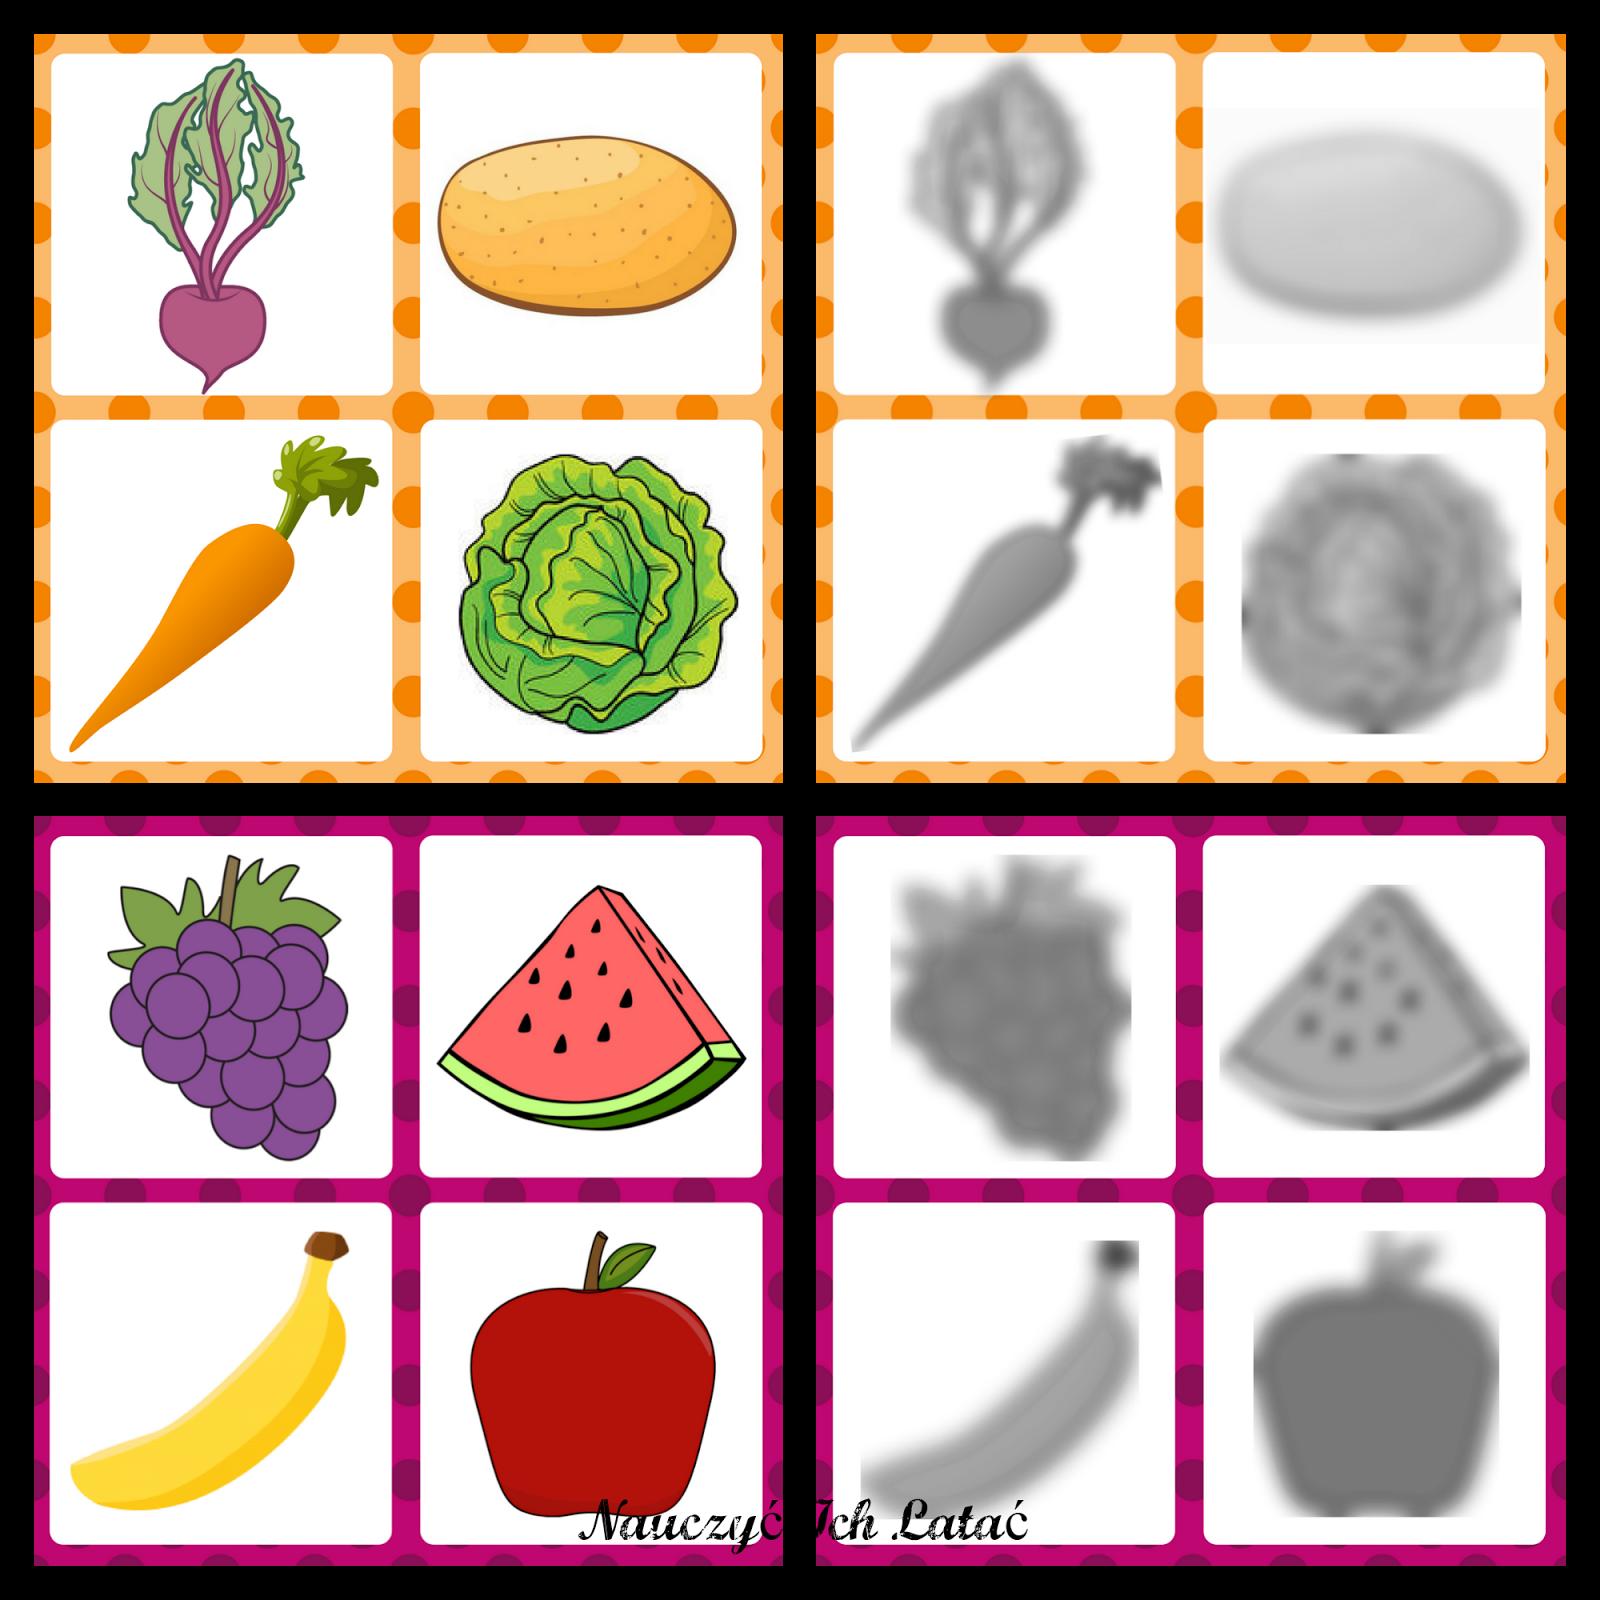 Nauczyc Ich Latac Dekoracje Przedszkole Vegetables Fruit Cards